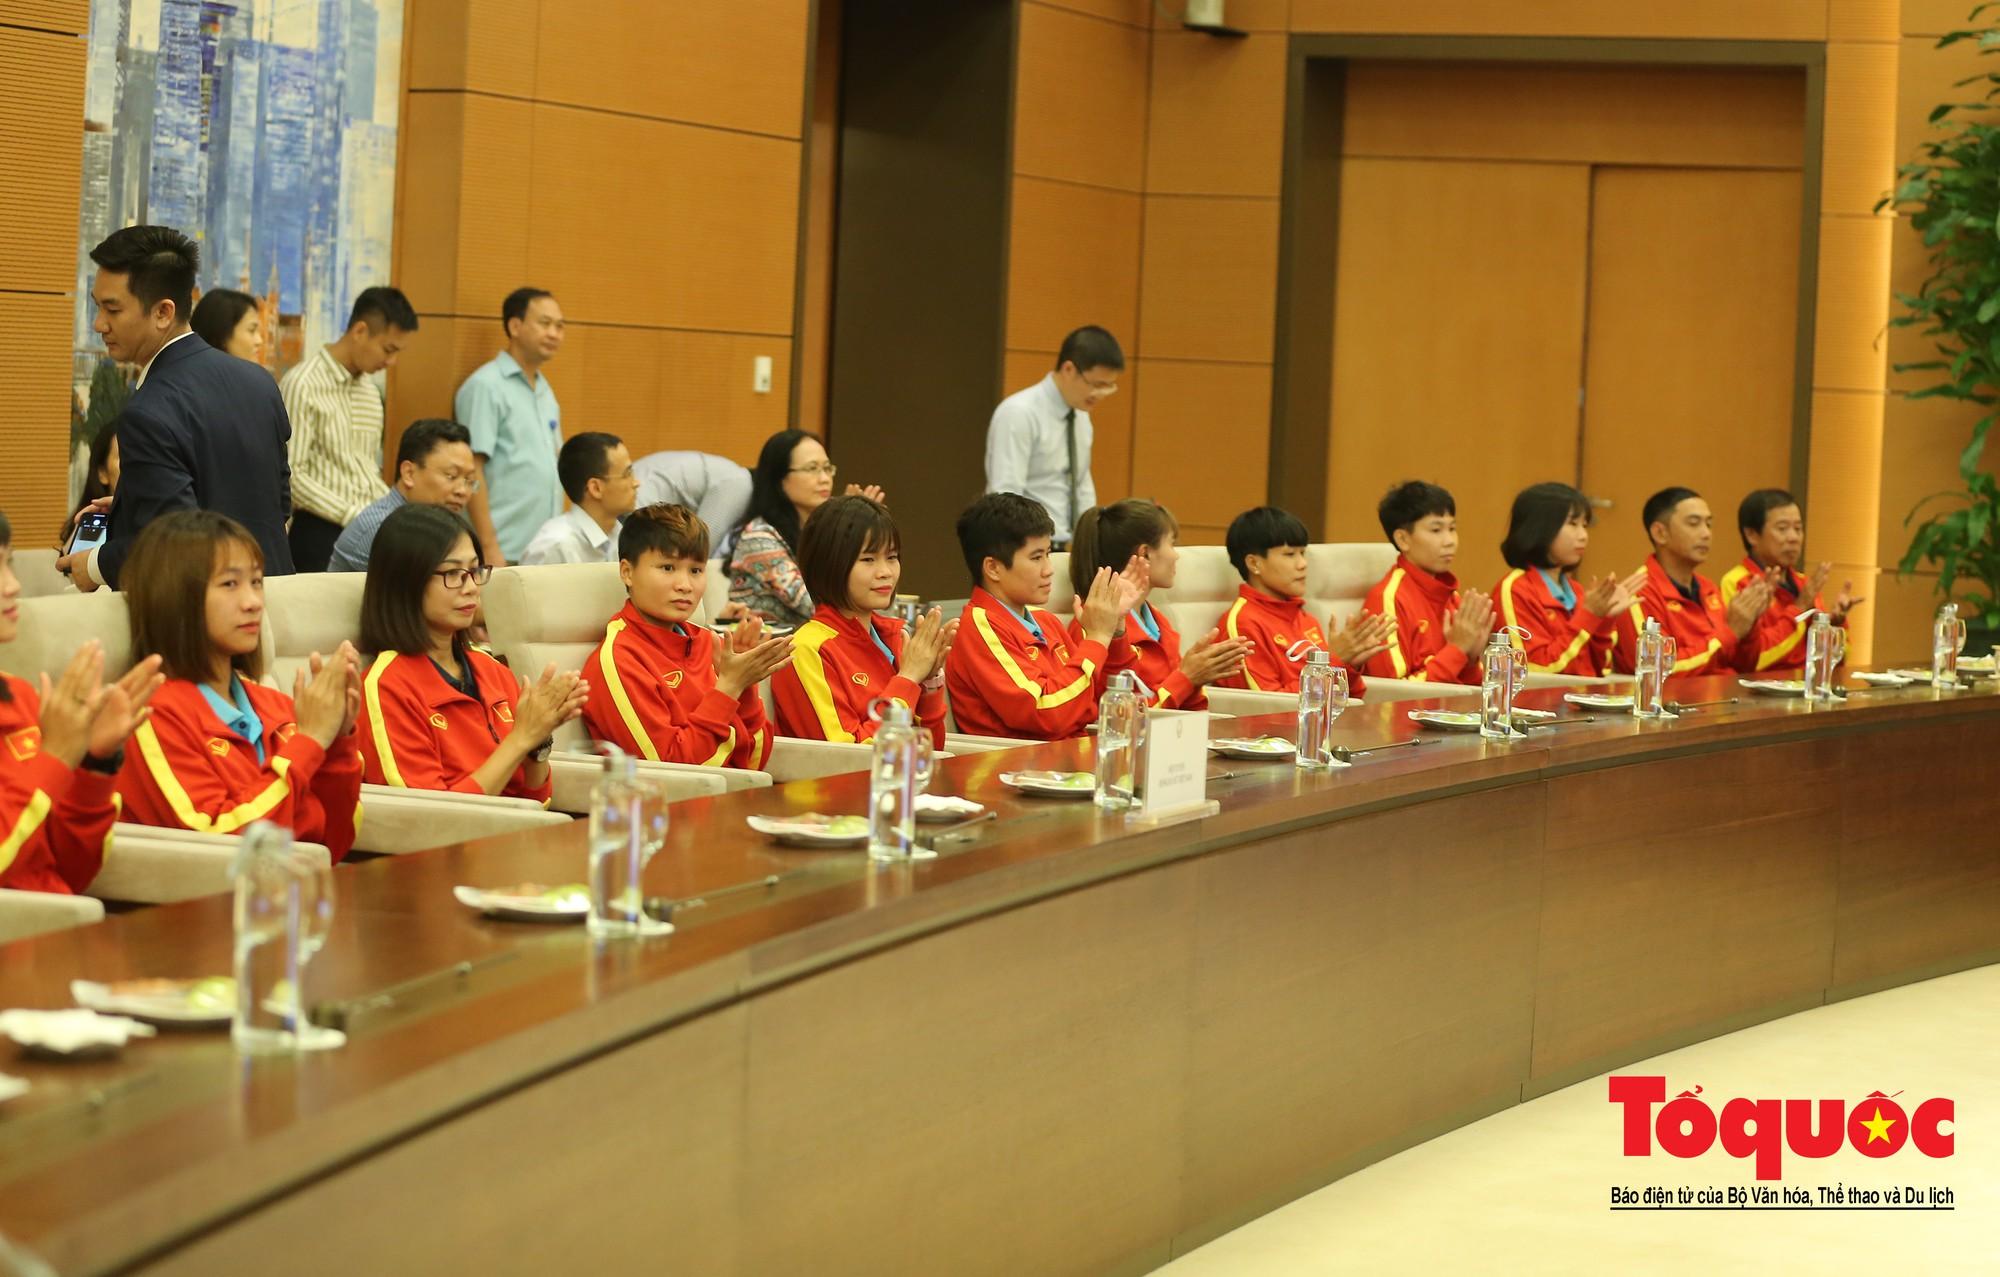 Chủ tịch Quốc hội Nguyễn Thị Kim Ngân: Bóng đá nam nhìn thành tích bóng đá nữ còn phải mơ ước dài5